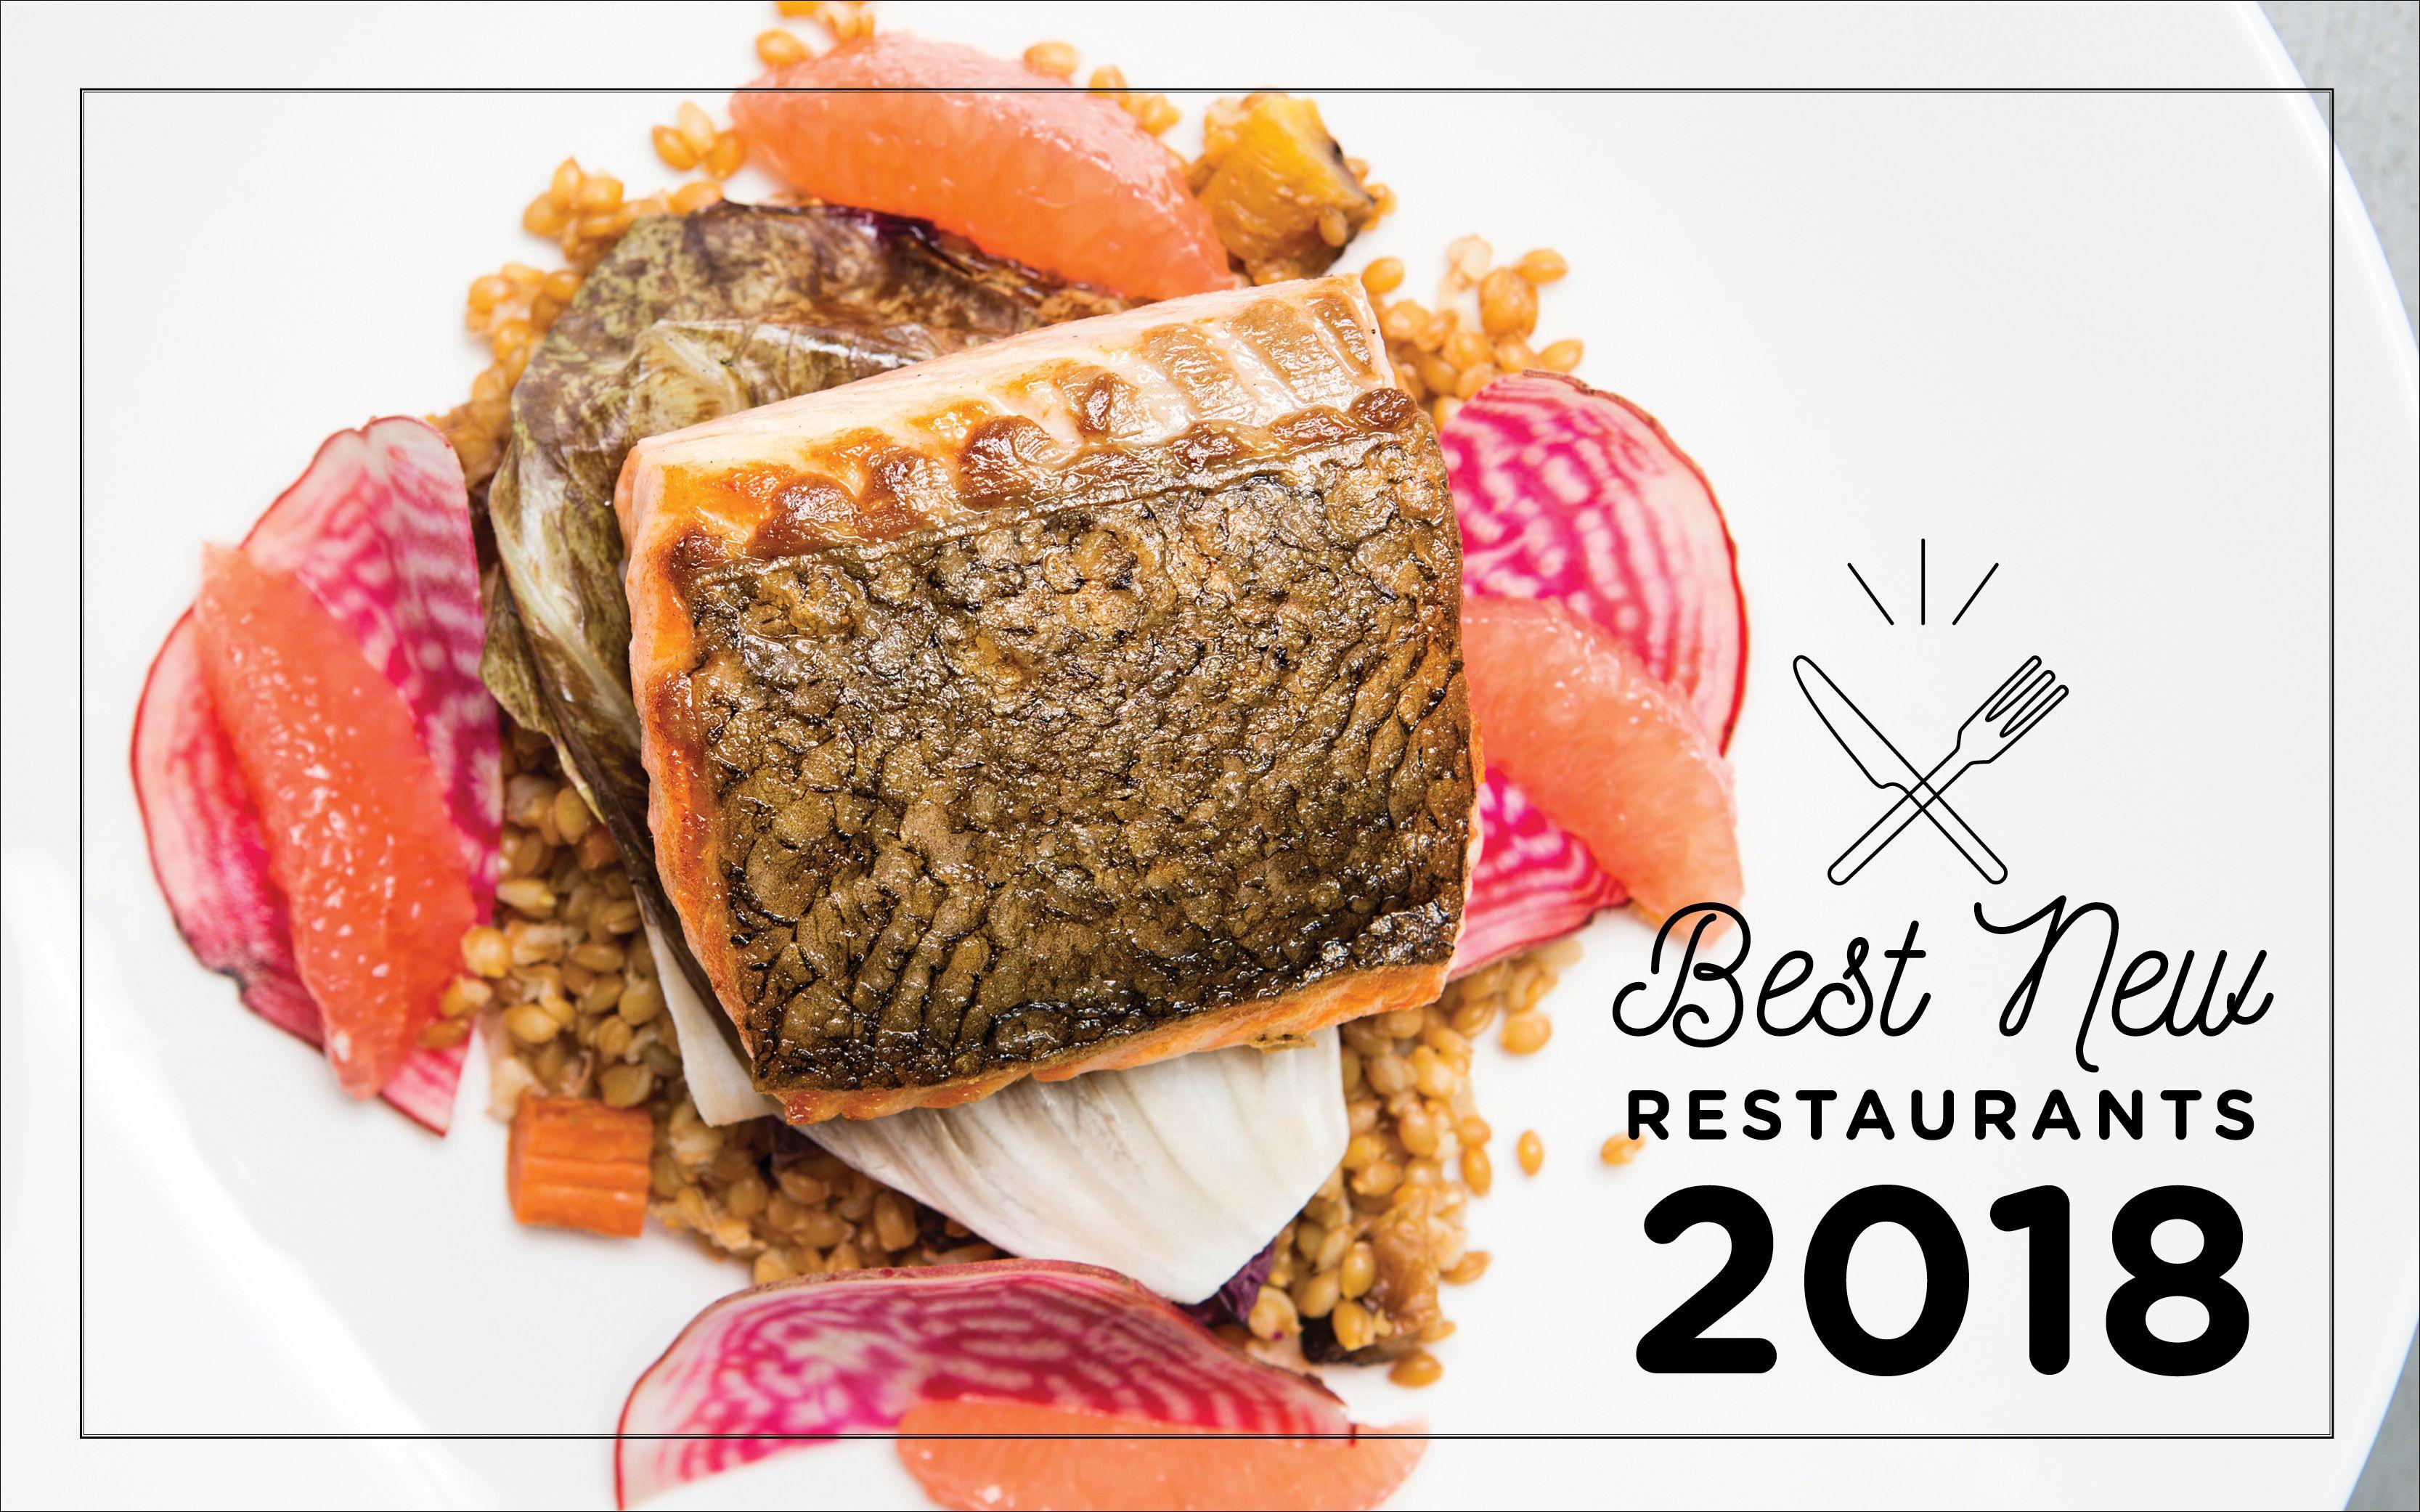 Austin's Best New Restaurants of 2018 Restaurant, Eat